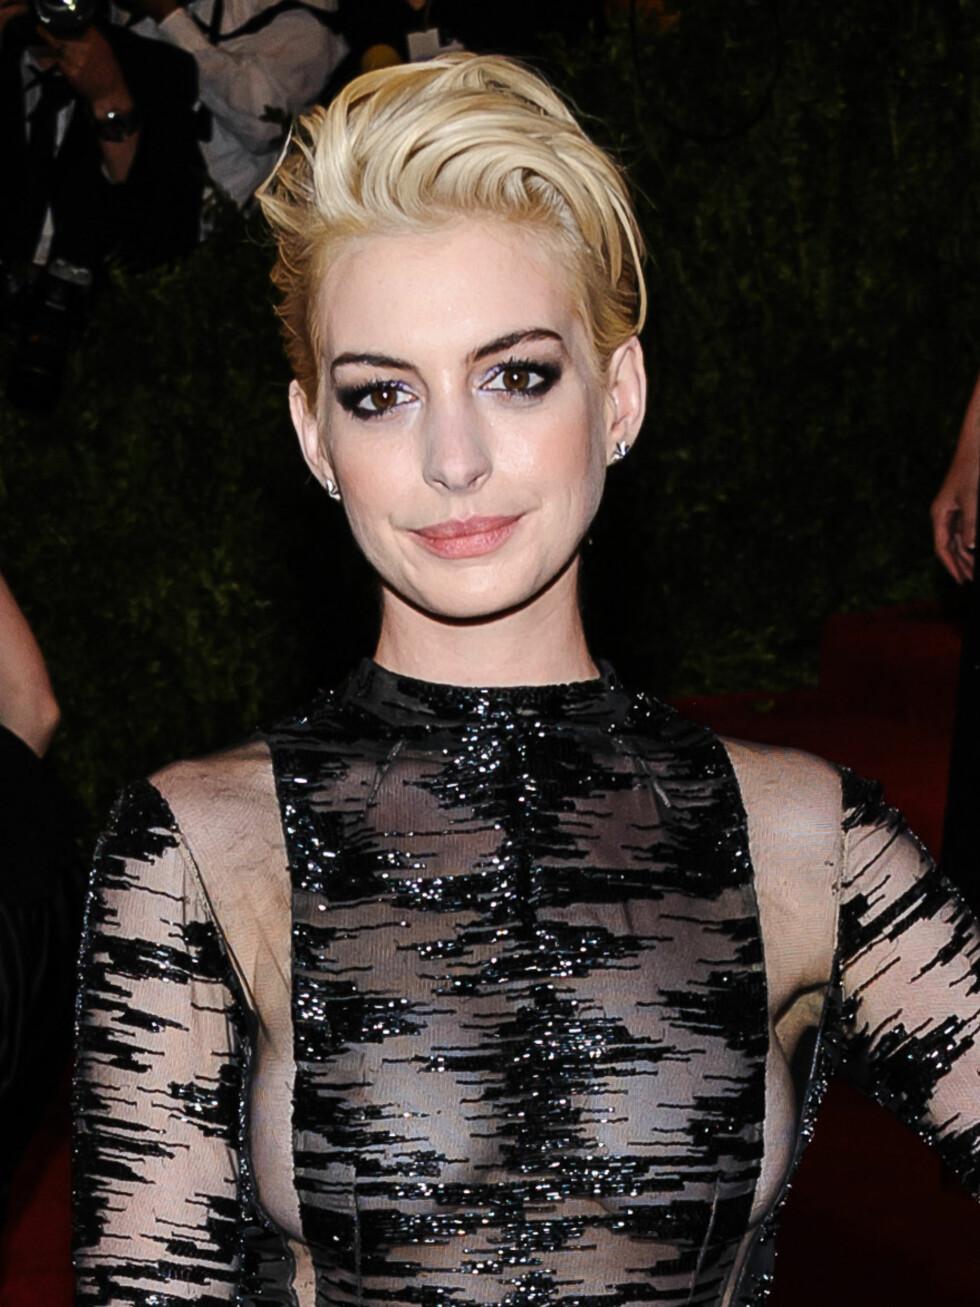 Anne Hathaway ga blaffen i rådet om å holde seg maks to nyanser unna sin naturlige farge da hun ble platinablond i en liten periode.  Foto: AdMedia / Splash News/ All Over Press